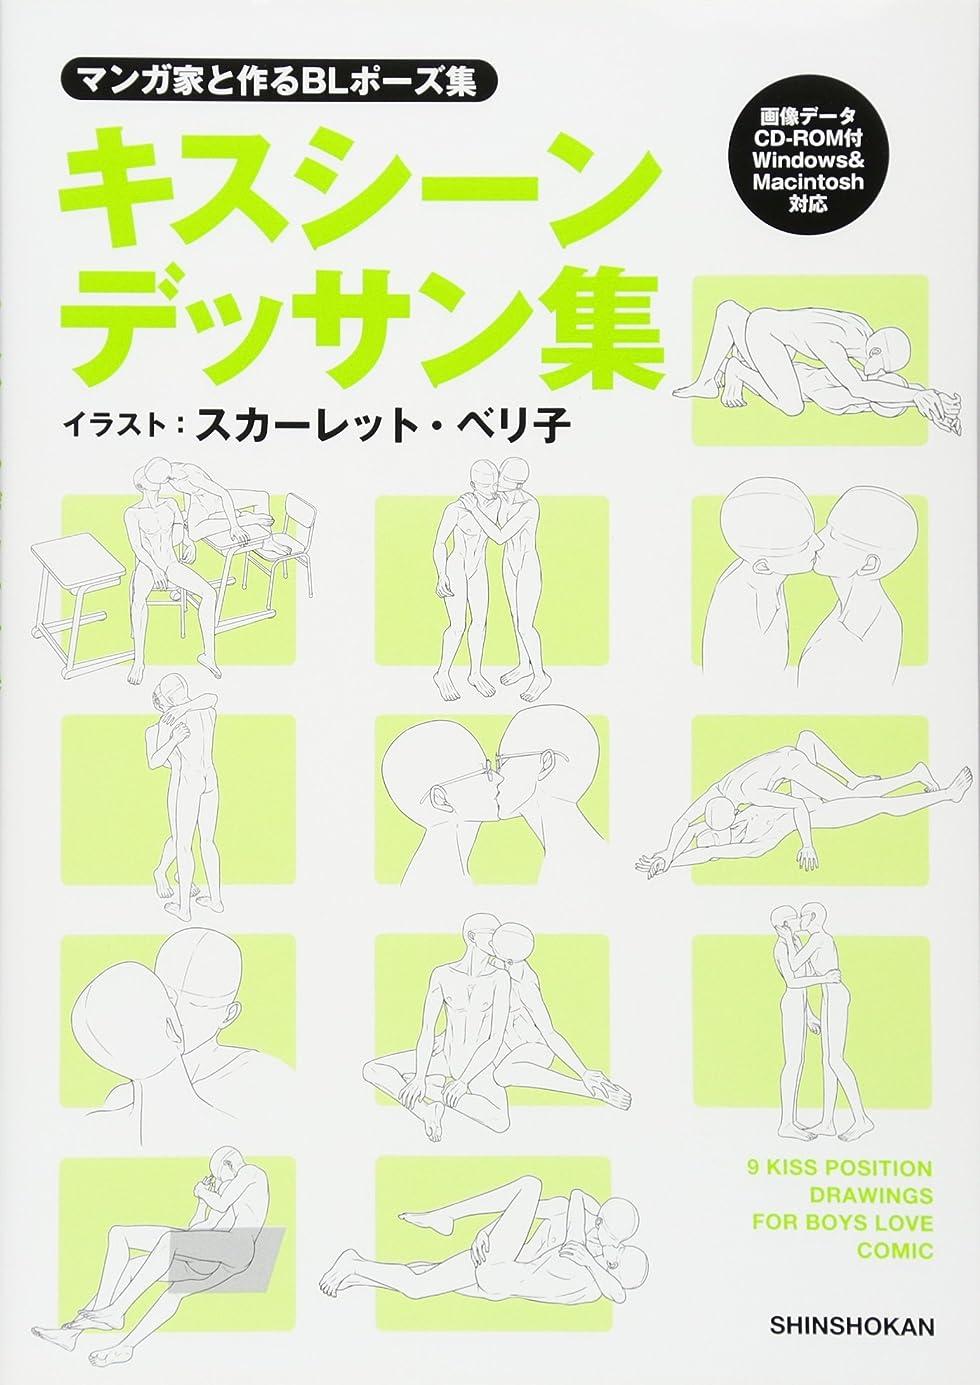 厄介なシーサイド懐疑論マンガ家と作るBLポーズ集 キスシーンデッサン集(データCD付)